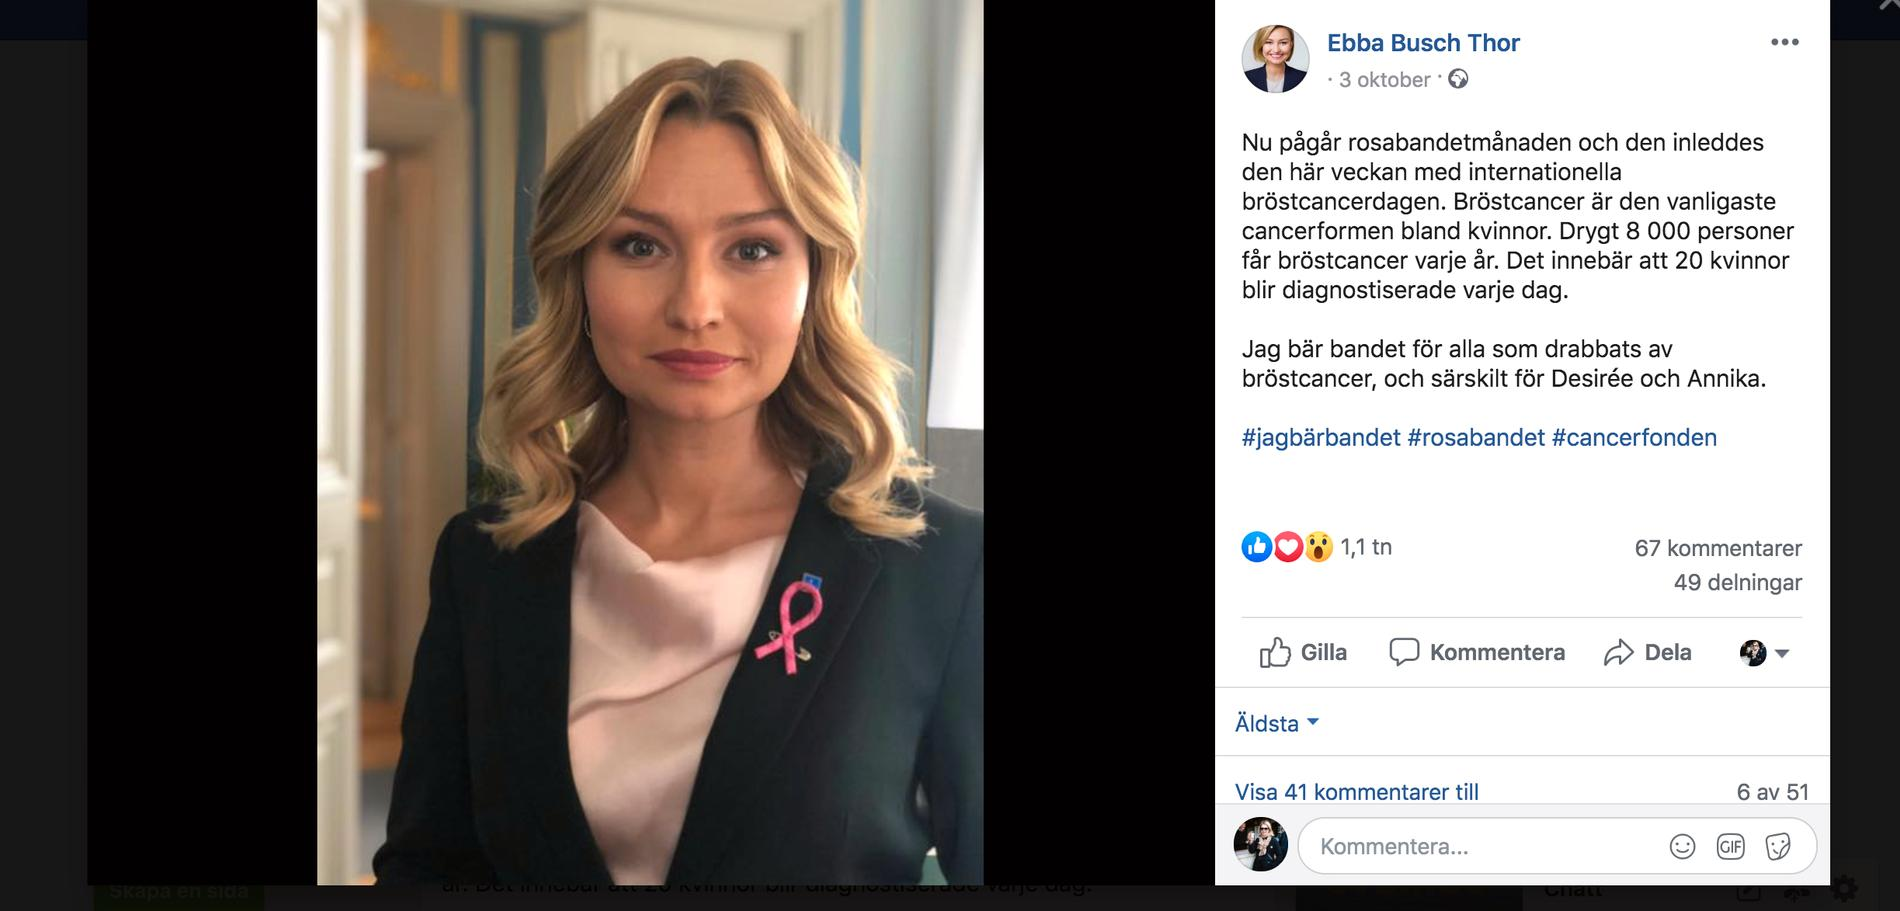 Ebba Busch Thor uppmärksammar Rosa Bandets kampanj mot bröstcancer.